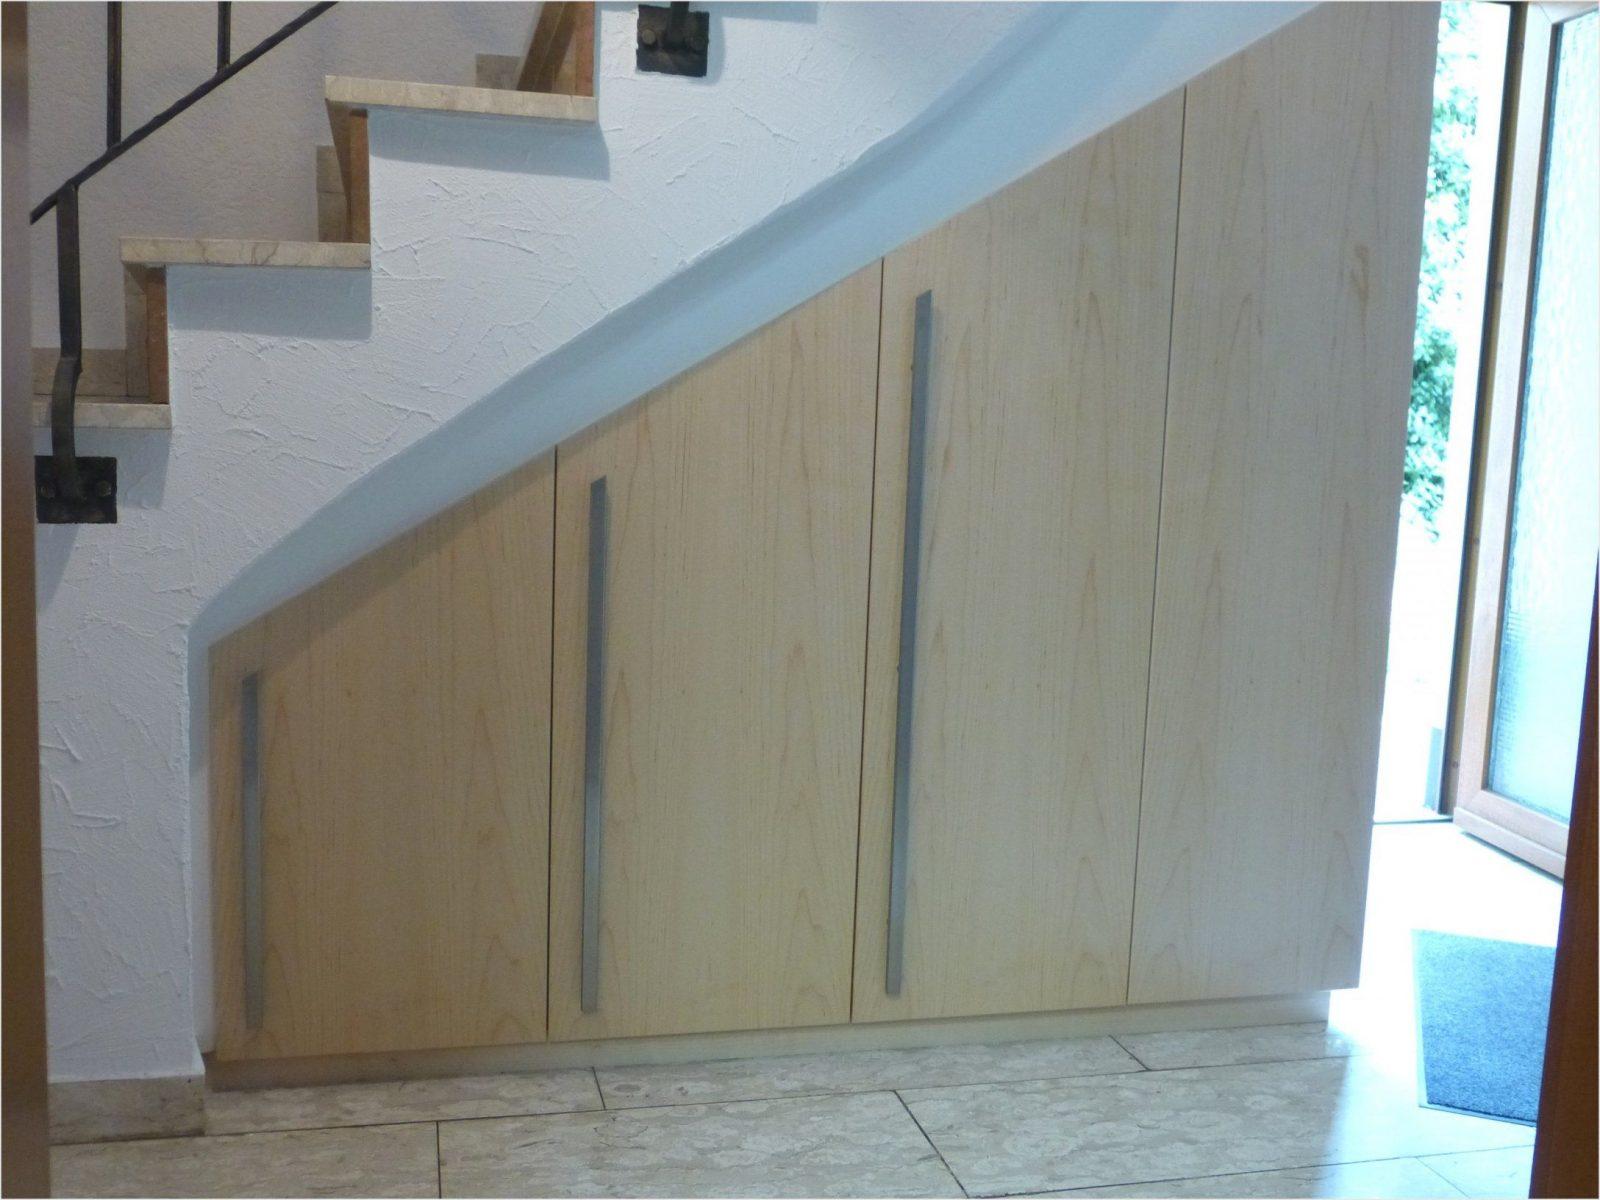 Schöne Schrank Unter Offener Treppe Selber Bauen Beautiful von Schrank Unter Treppe Bauanleitung Bild